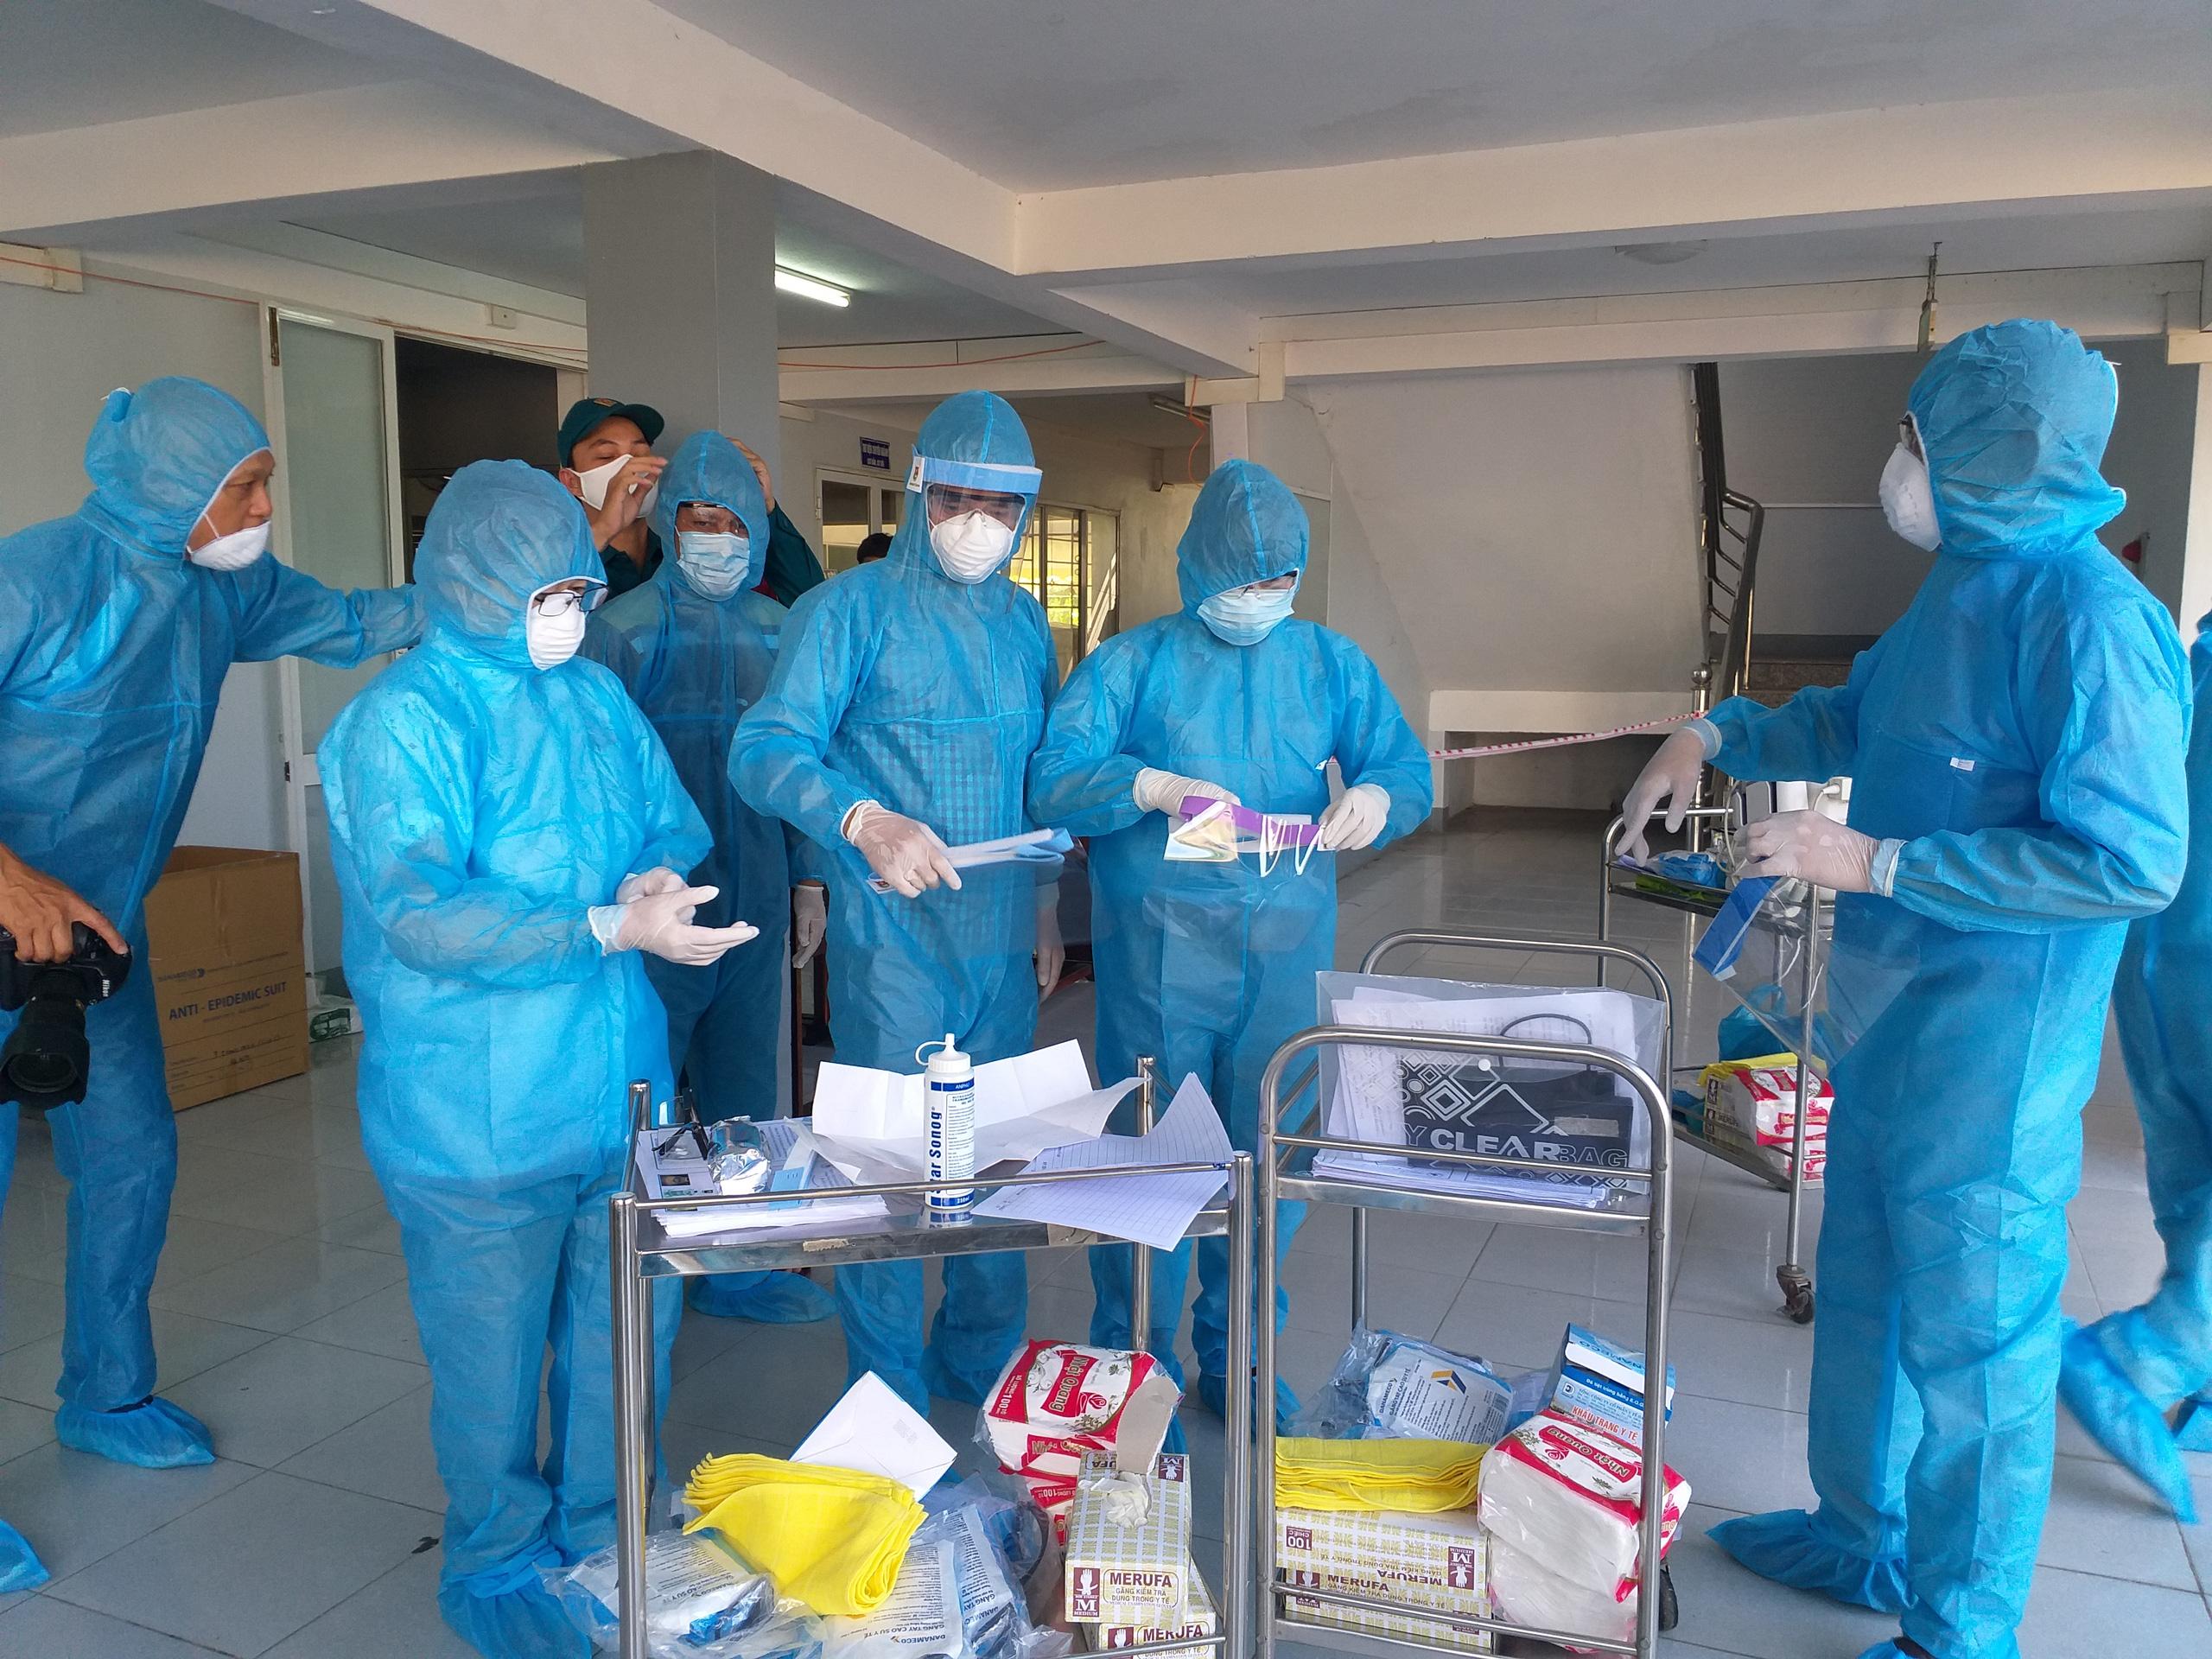 Thêm một ca nghi nhiễm Covid-19, Quảng Nam lập 7 chốt phòng chống dịch - Ảnh 4.